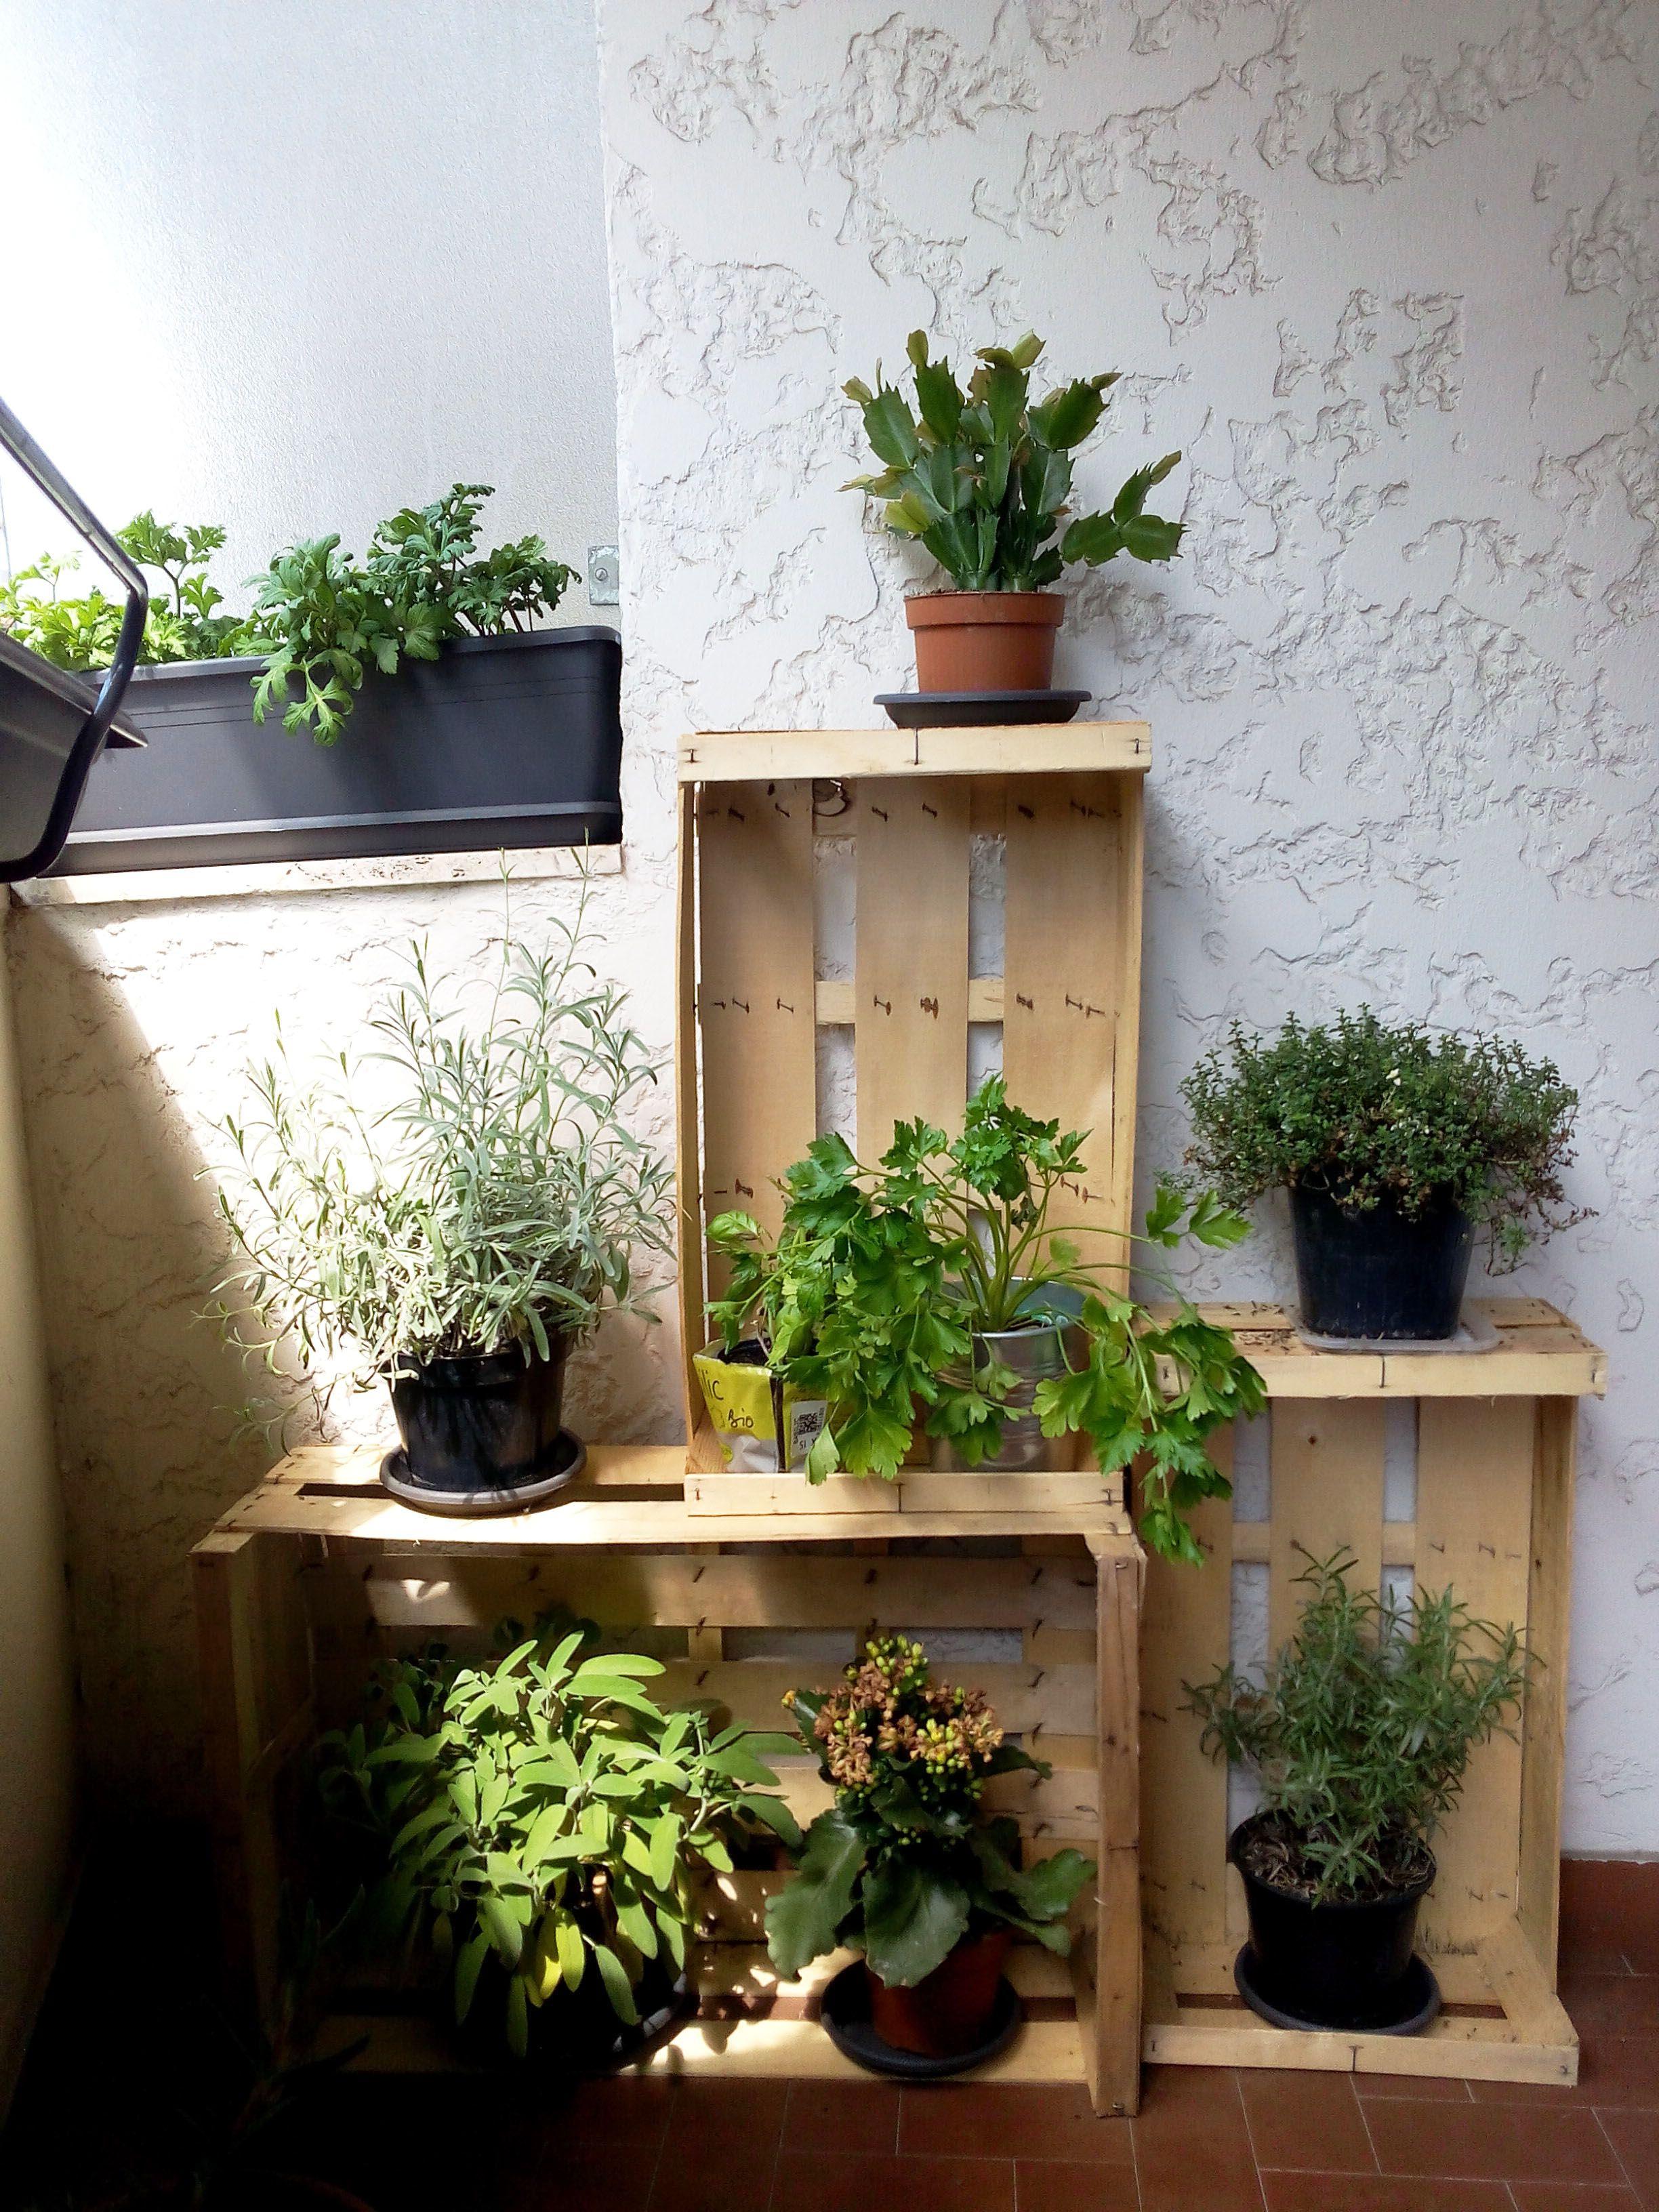 Orto sul balcone aromi piante aromatiche cassette della frutta rustico coltivare - Creare un giardino sul balcone ...